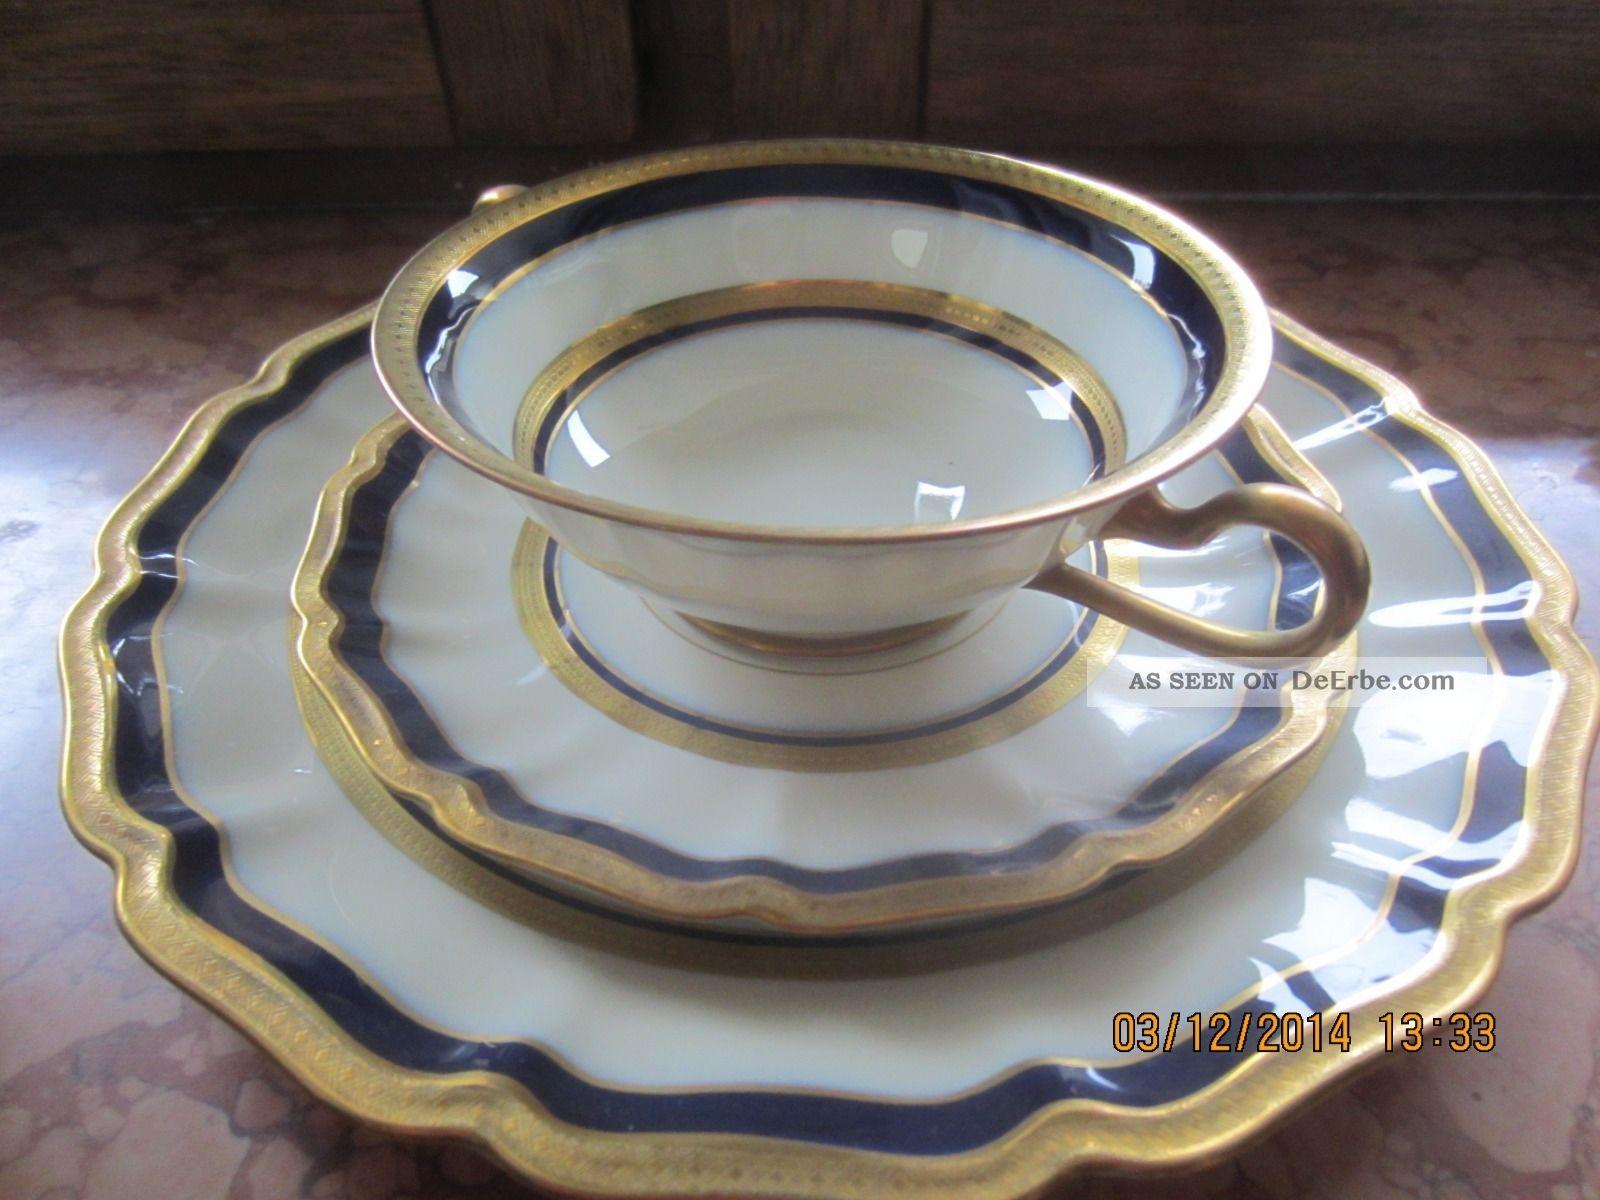 rosenthal geschirr porcellan serie regina wei mit blau gold verzierungen. Black Bedroom Furniture Sets. Home Design Ideas